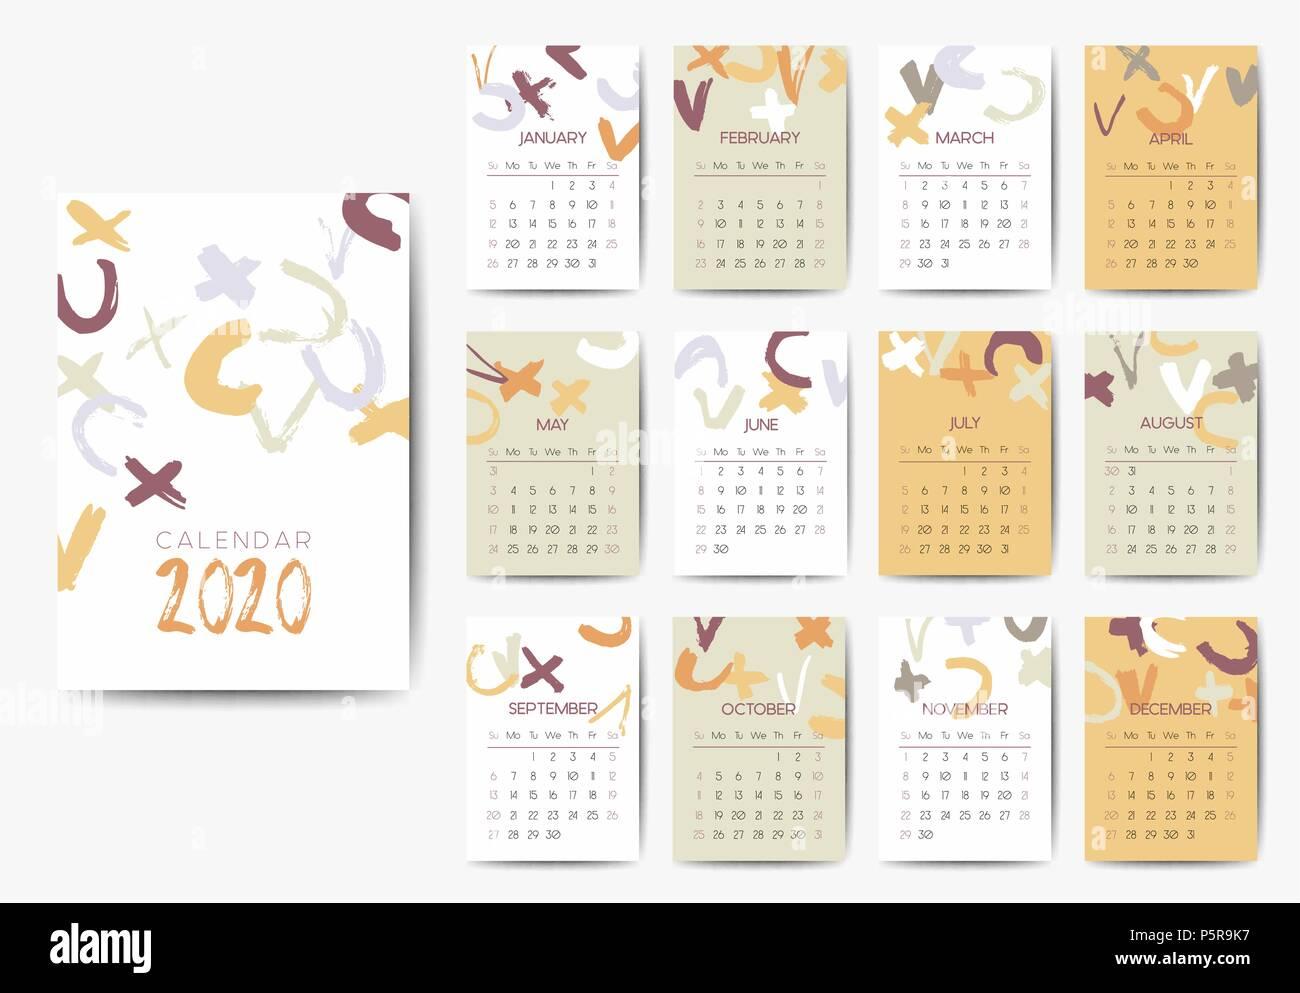 Modele De Calendrier 2020.Le Modele De Calendrier 2020 Vecteurs Et Illustration Image